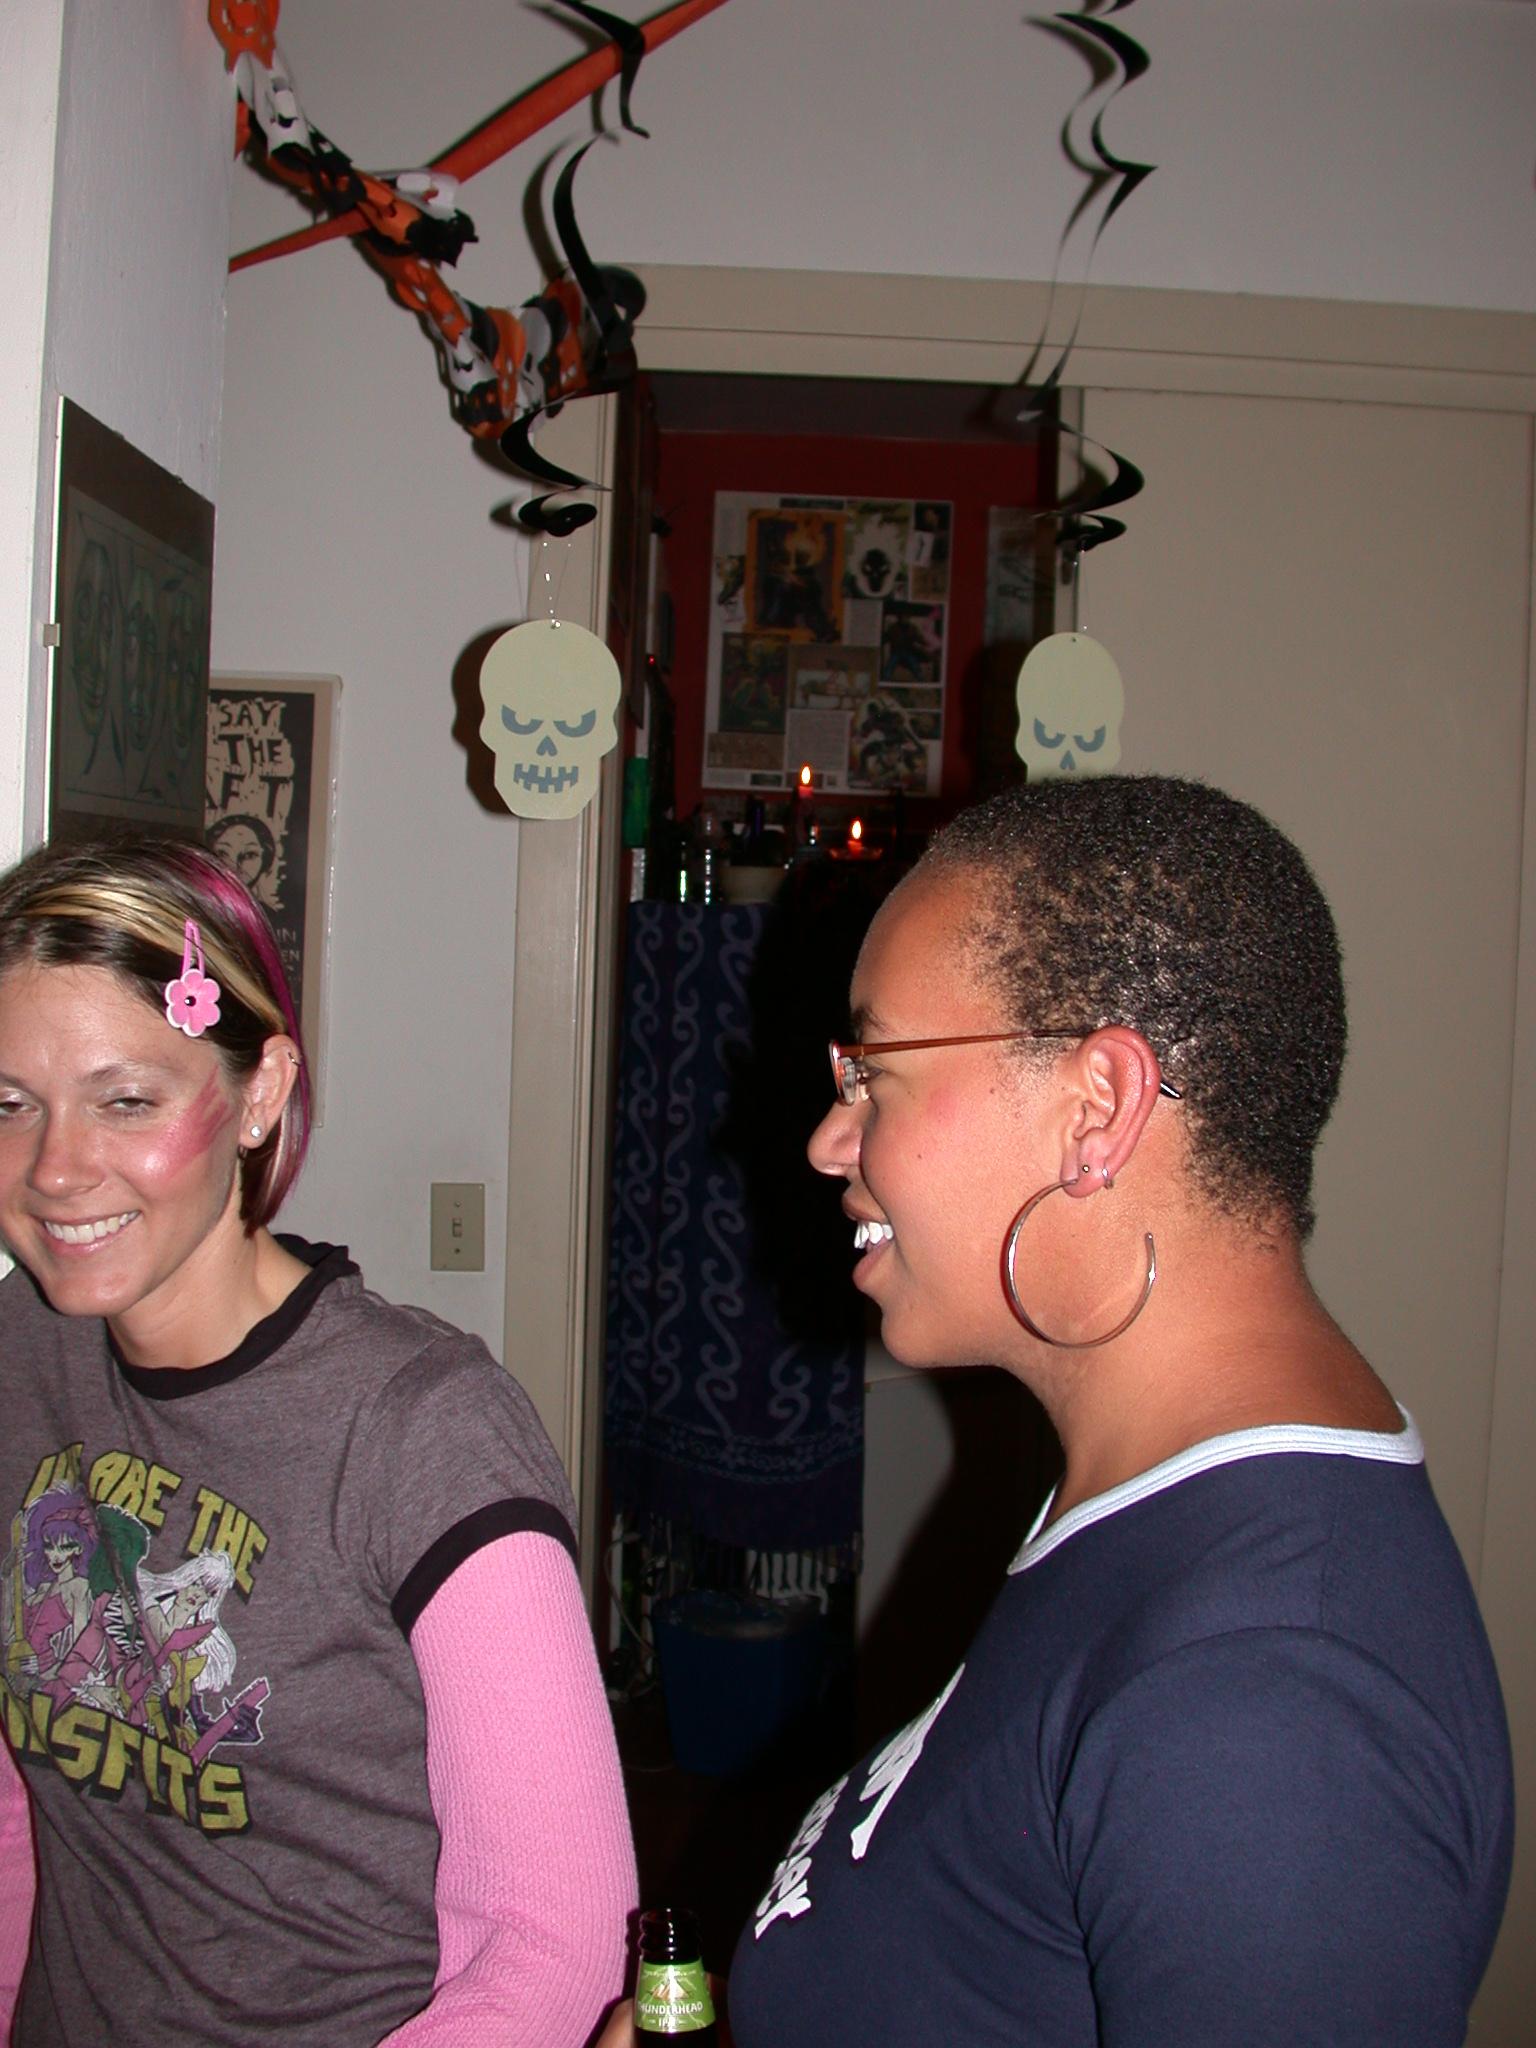 Misfit Laine and Olivia